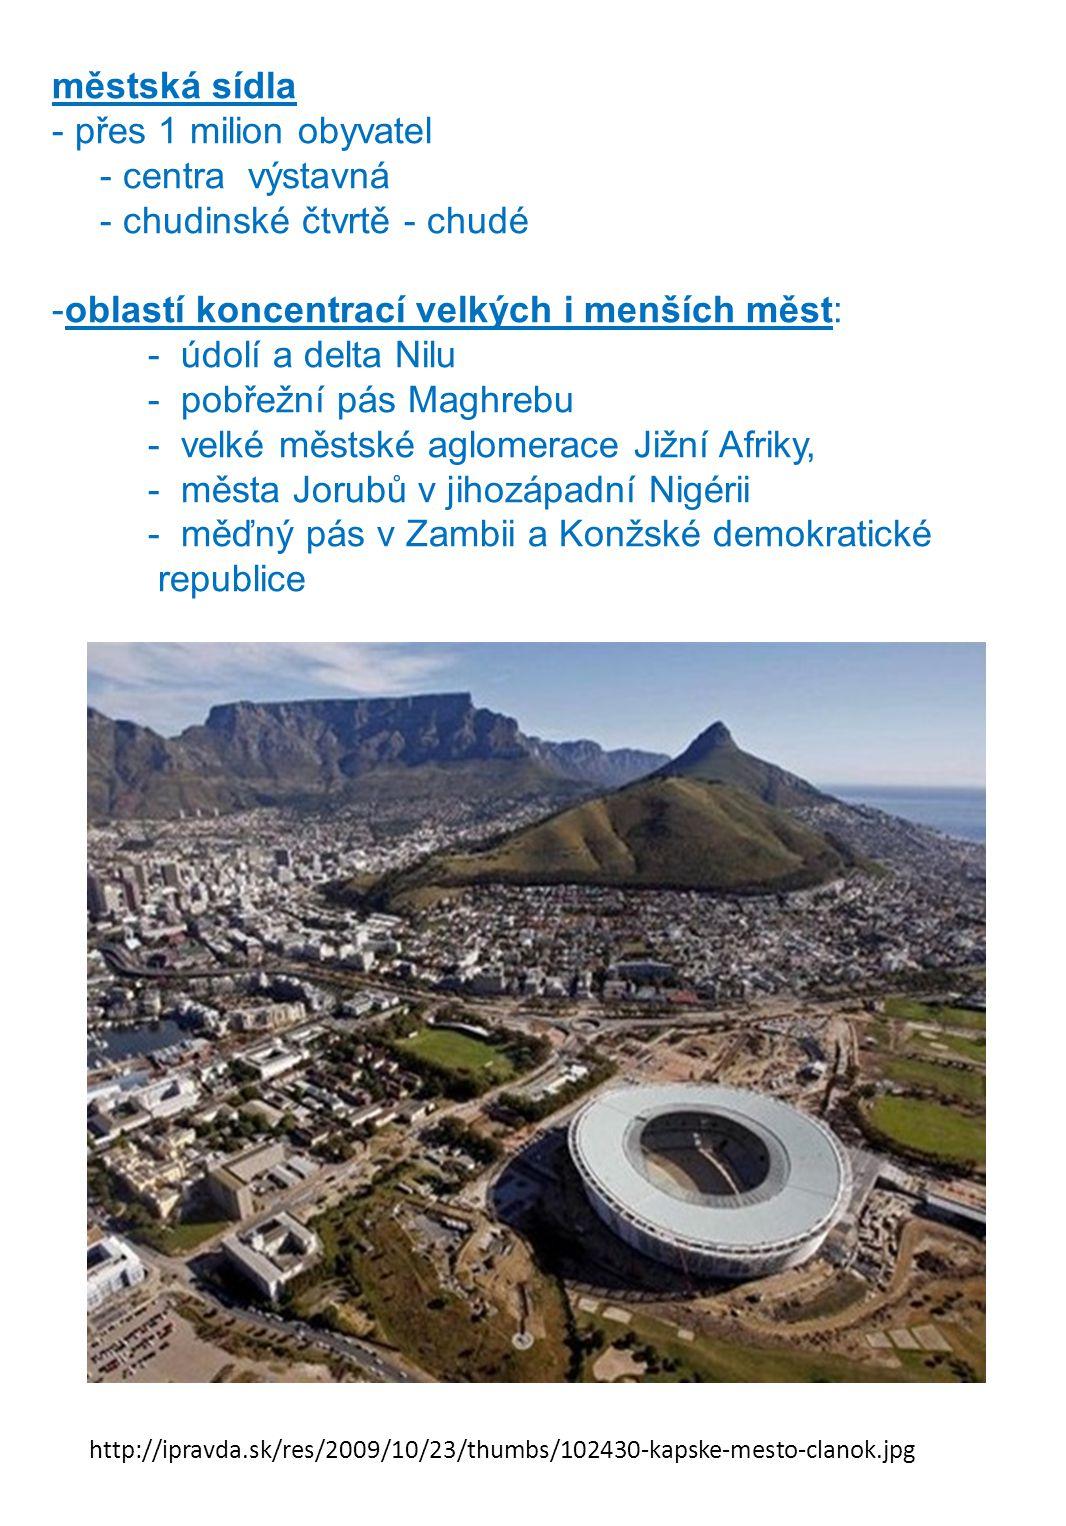 http://ipravda.sk/res/2009/10/23/thumbs/102430-kapske-mesto-clanok.jpg městská sídla - přes 1 milion obyvatel - centra výstavná - chudinské čtvrtě - chudé -oblastí koncentrací velkých i menších měst: - údolí a delta Nilu - pobřežní pás Maghrebu - velké městské aglomerace Jižní Afriky, - města Jorubů v jihozápadní Nigérii - měďný pás v Zambii a Konžské demokratické republice